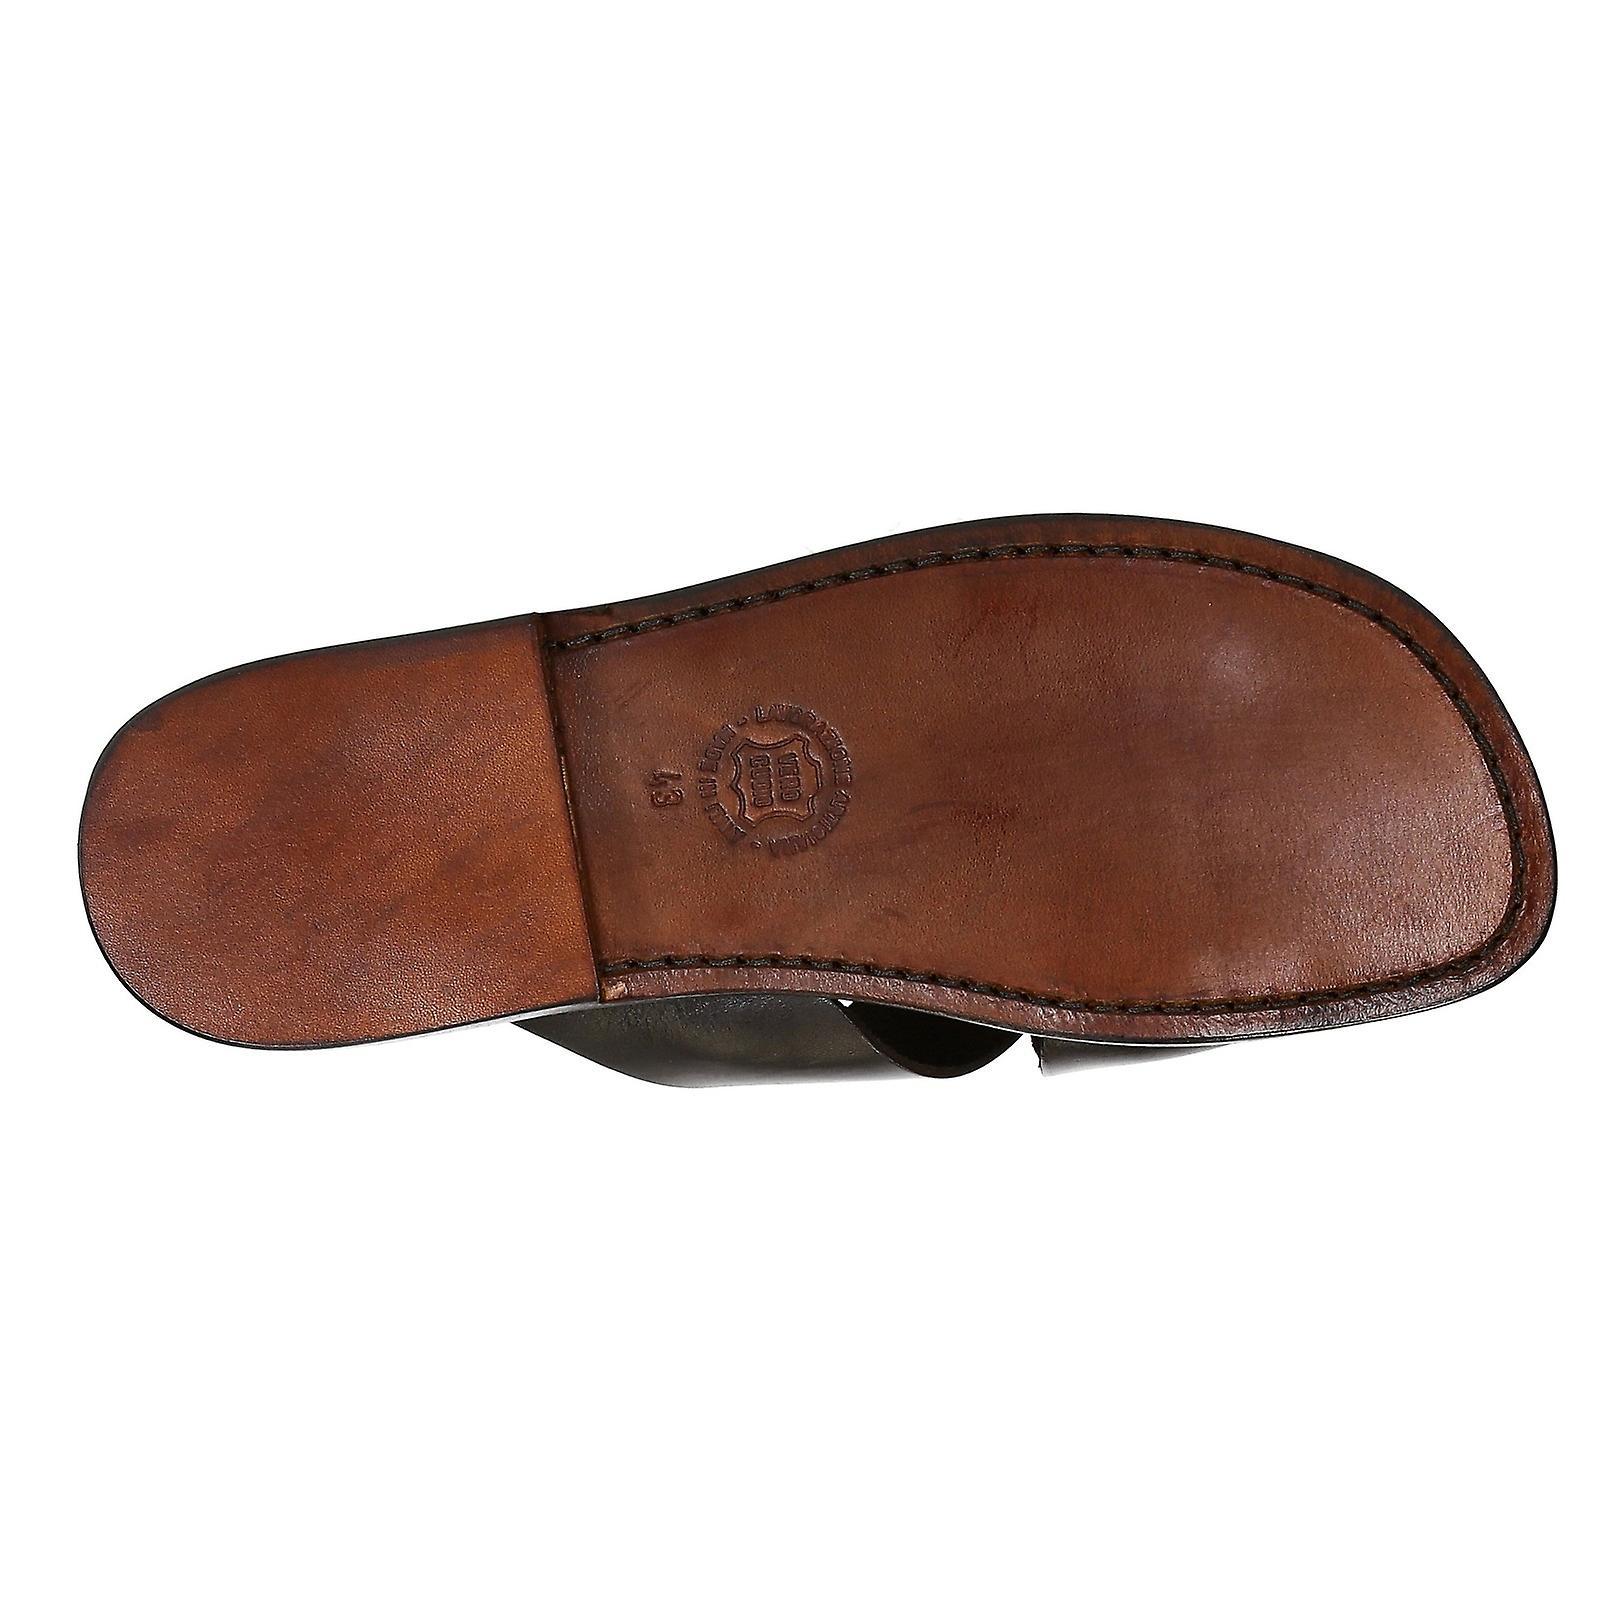 Mens läder tofflor handgjord i Italien i mörkbrunt läder - Gratis frakt